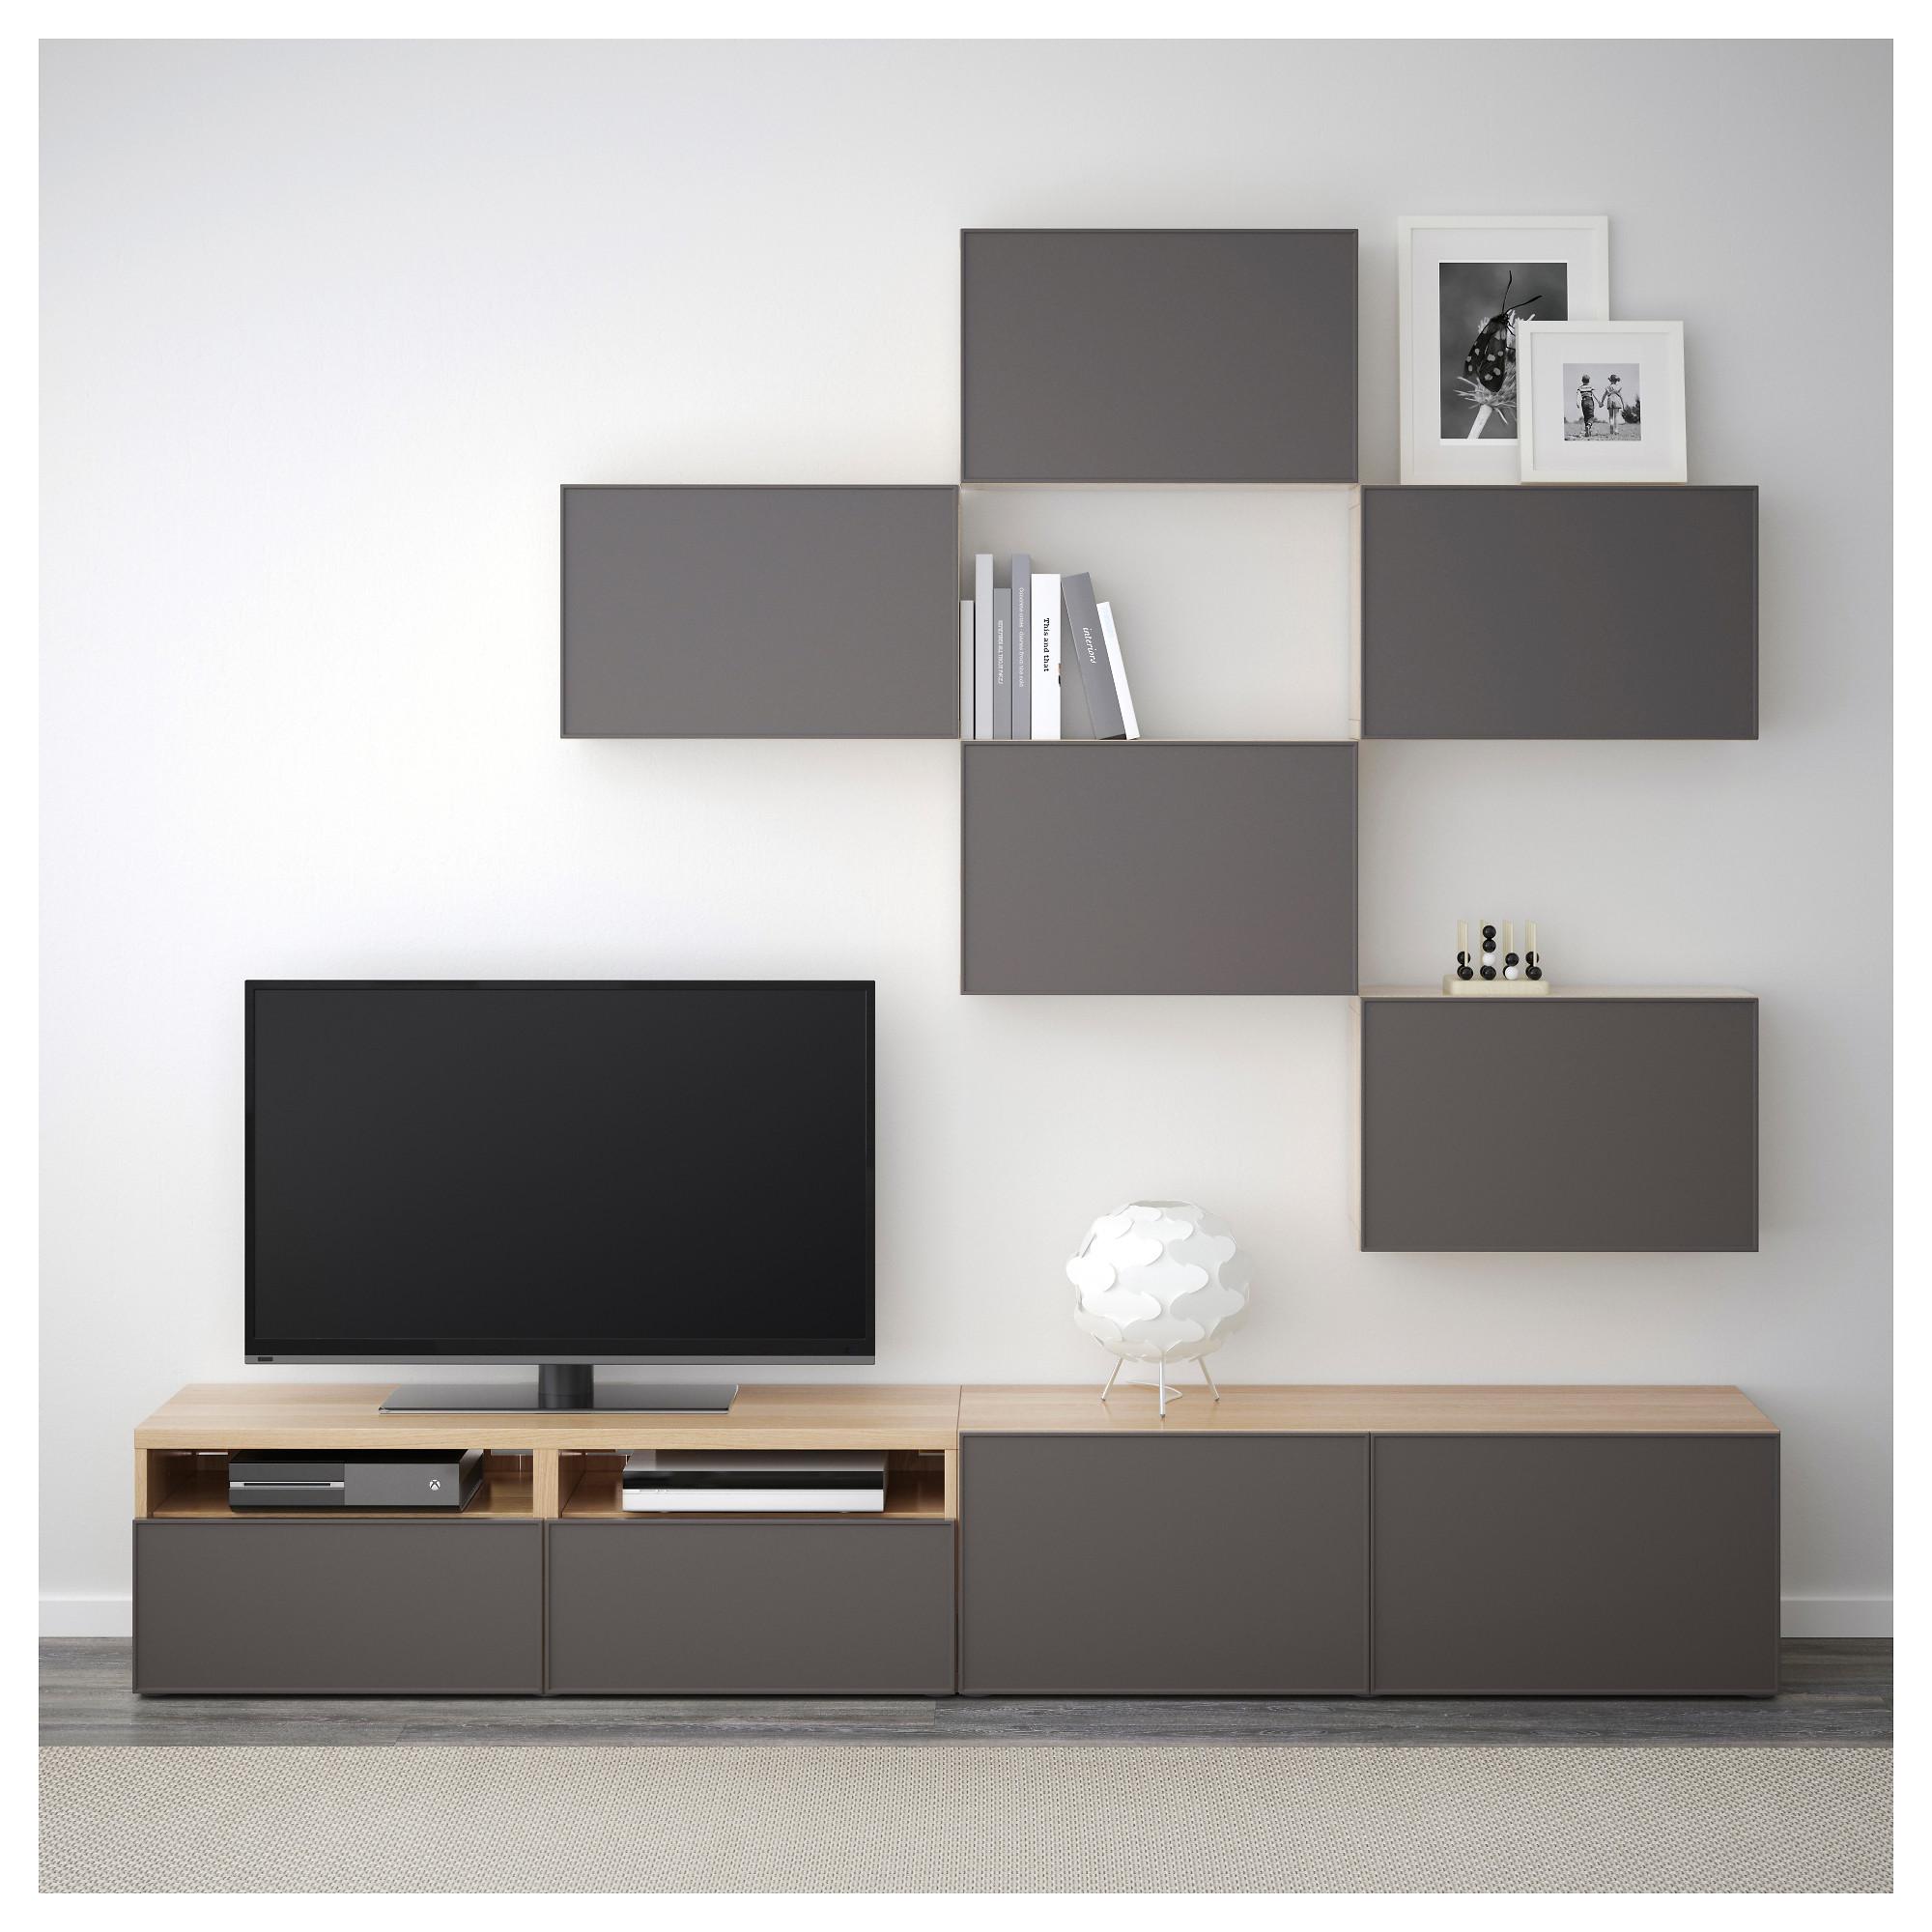 Шкаф для ТВ, комбинация БЕСТО темно-серый артикуль № 892.515.99 в наличии. Online магазин IKEA Минск. Недорогая доставка и монтаж.